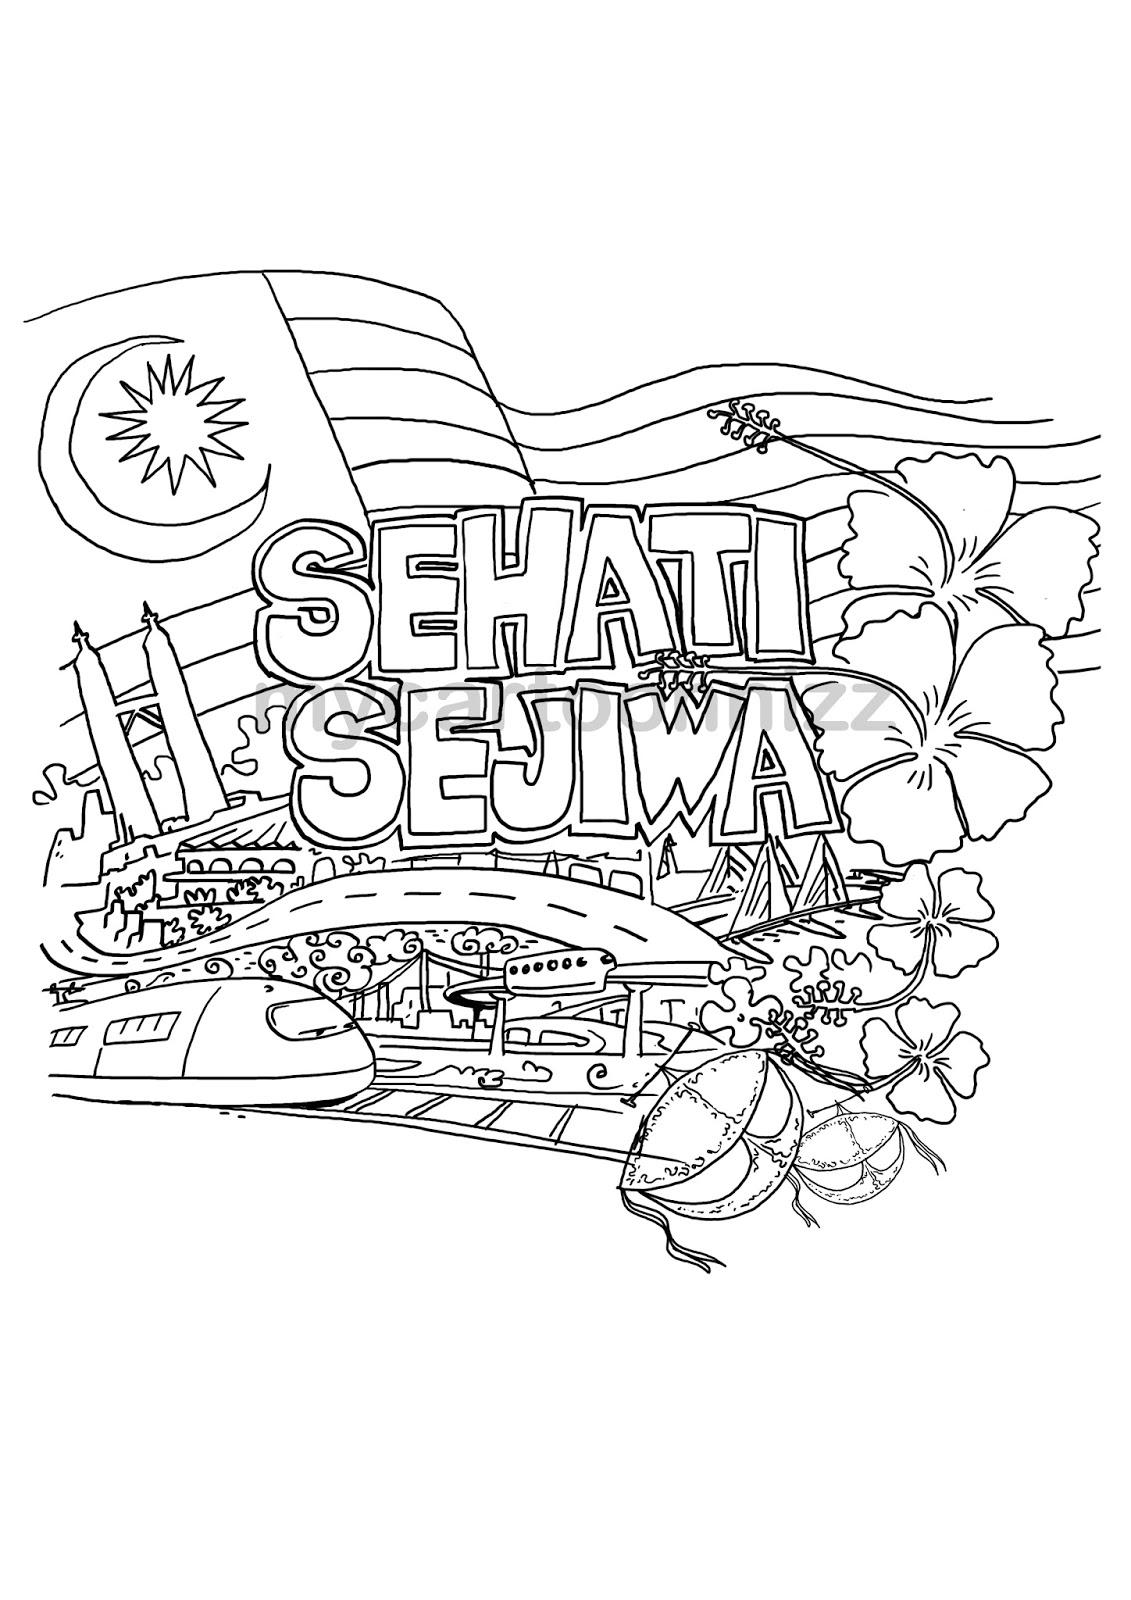 Bersempena Tema Hari Kemerdekaan Kali Ke 58 Sehati Sejiwa Mycartoonnizz Tampilkan Doodle Spontan Mentah Dari White Board Drawing Versi Digital